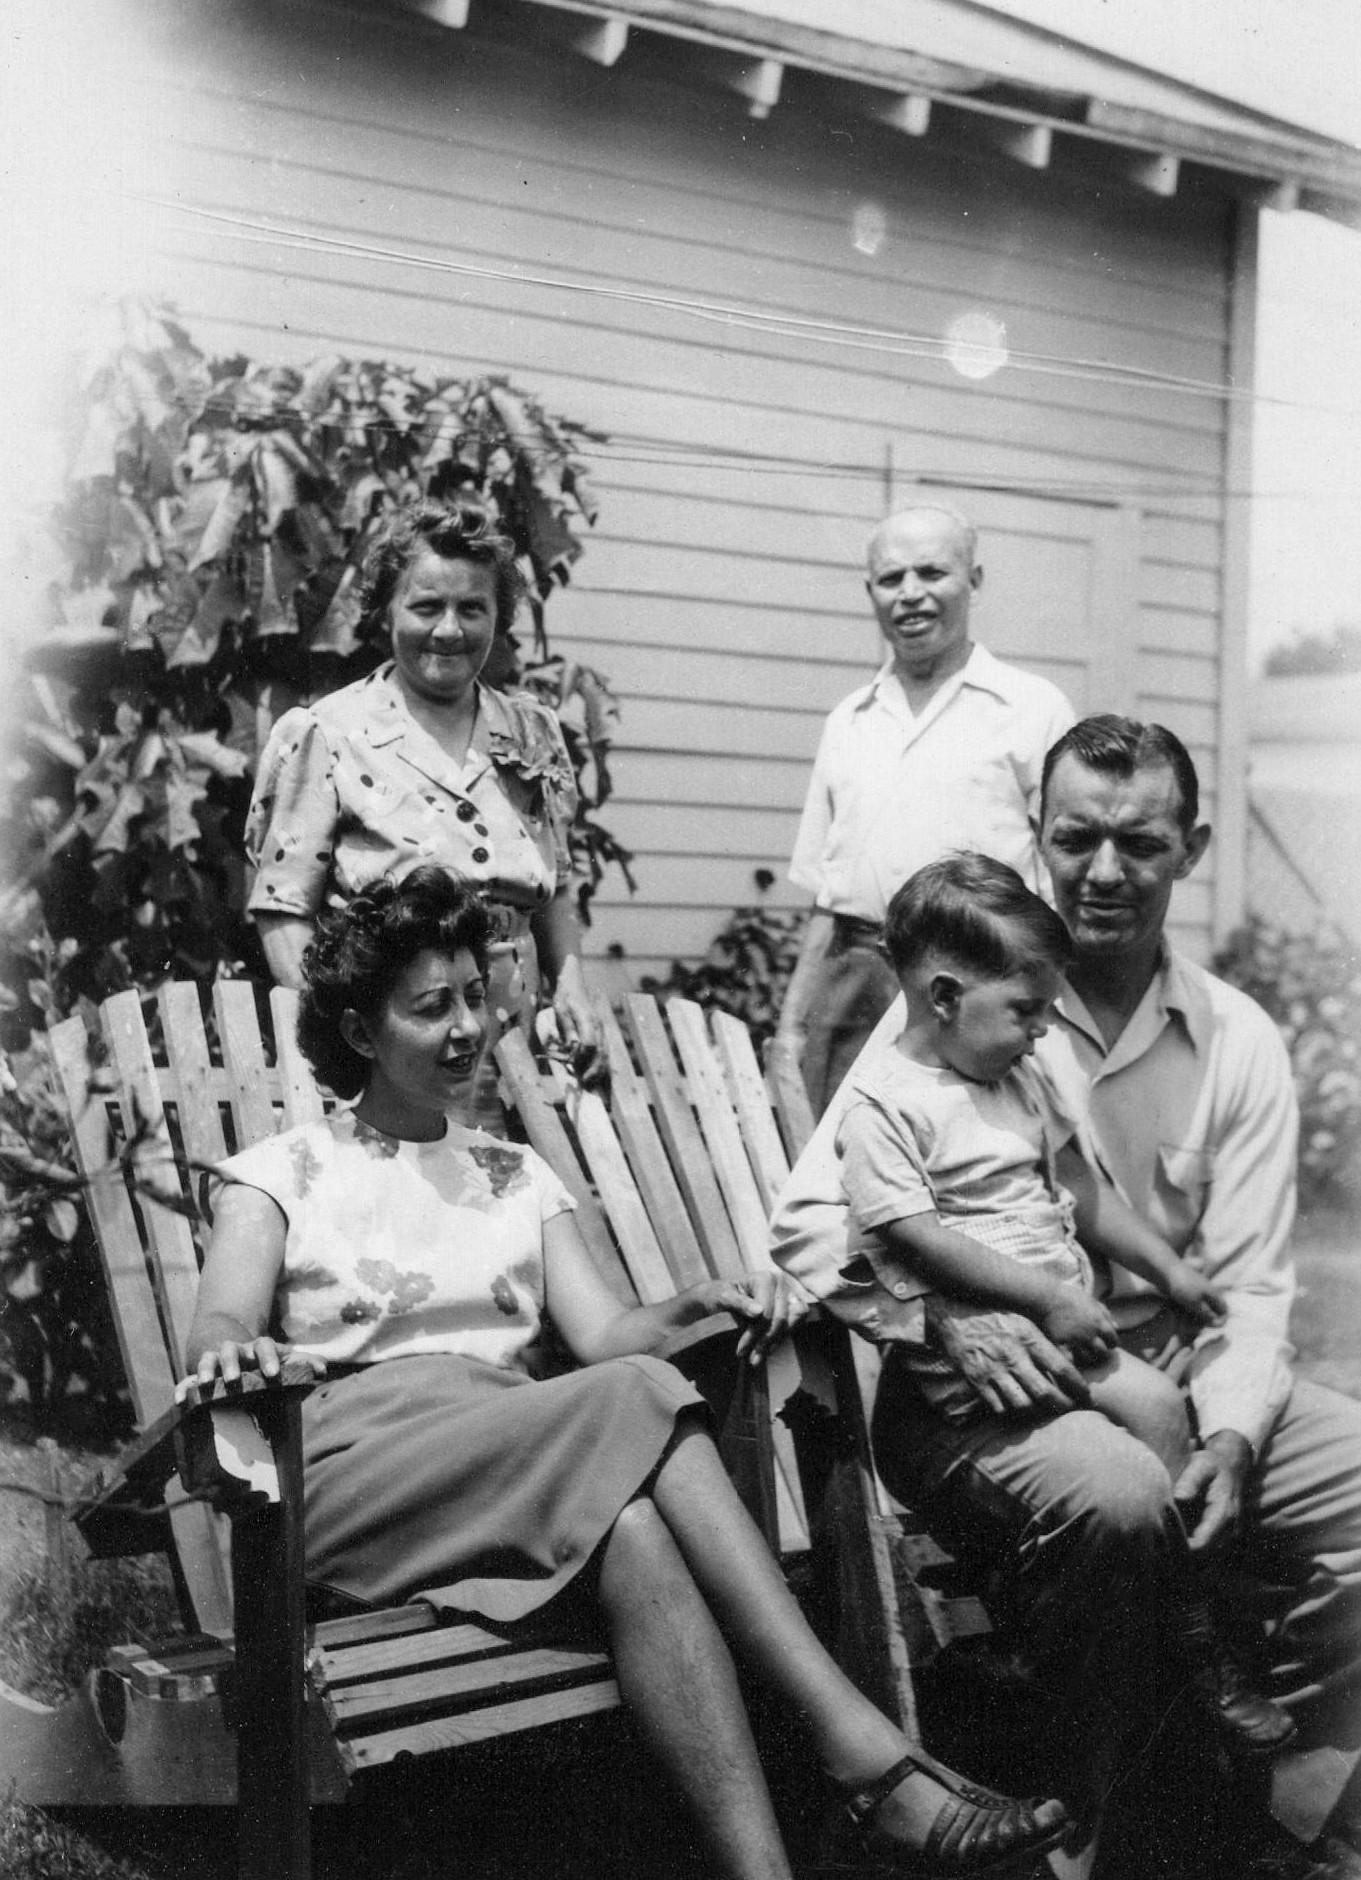 Сидят слева направо— первая жена Филлипа Бенсона, Эстер Аболафия Бенсон, их сын Кенни иФиллип Бенсон. За ними стоят Ида Котт Бенсон иСэм Бенсон, родители, скоторыми Филлип Бенсон воспитывался.